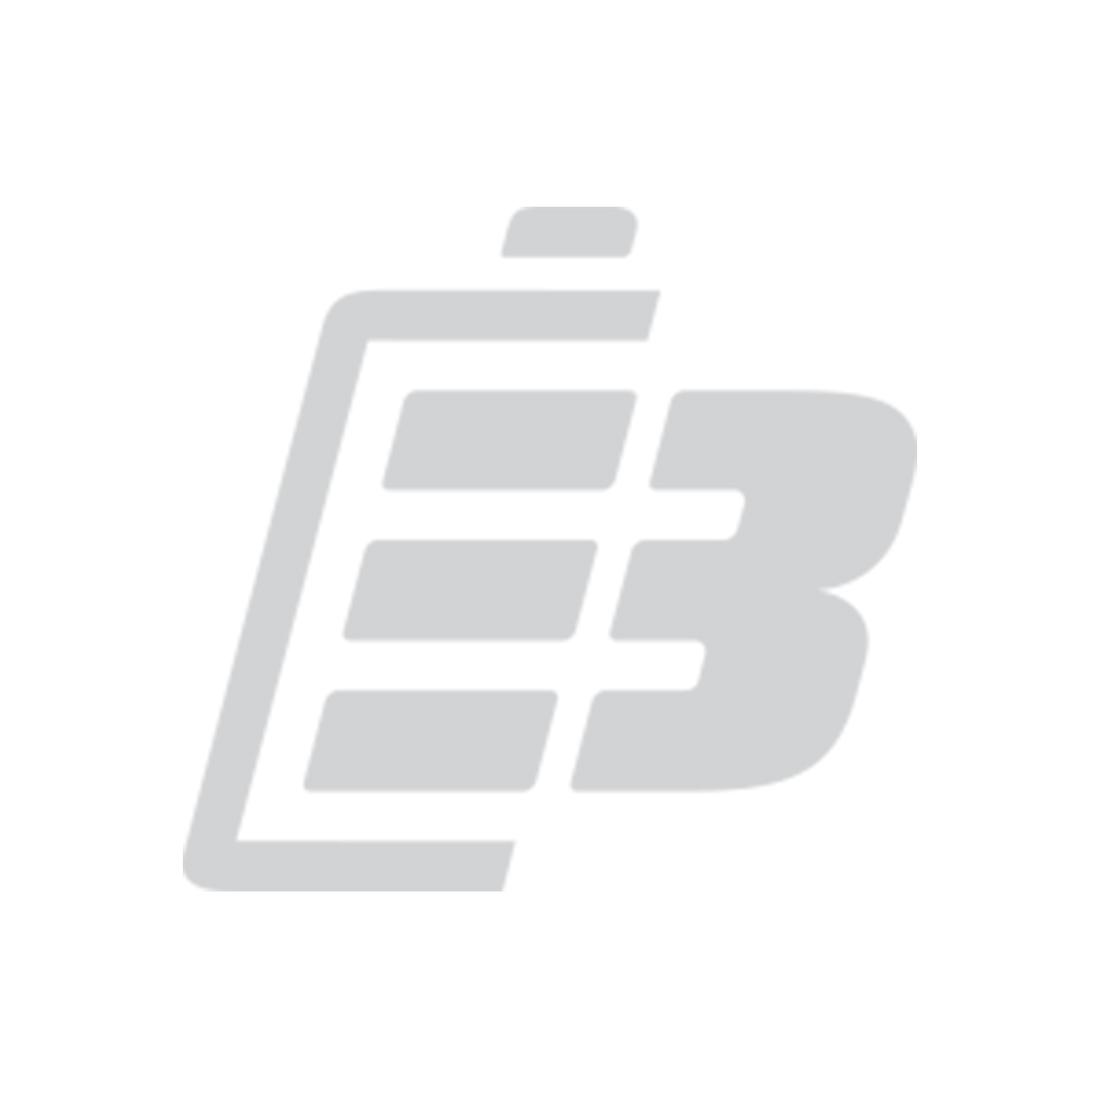 Μπαταρία ηλεκτρικού εργαλείου Black & Decker 9.6V 2.0Ah_1